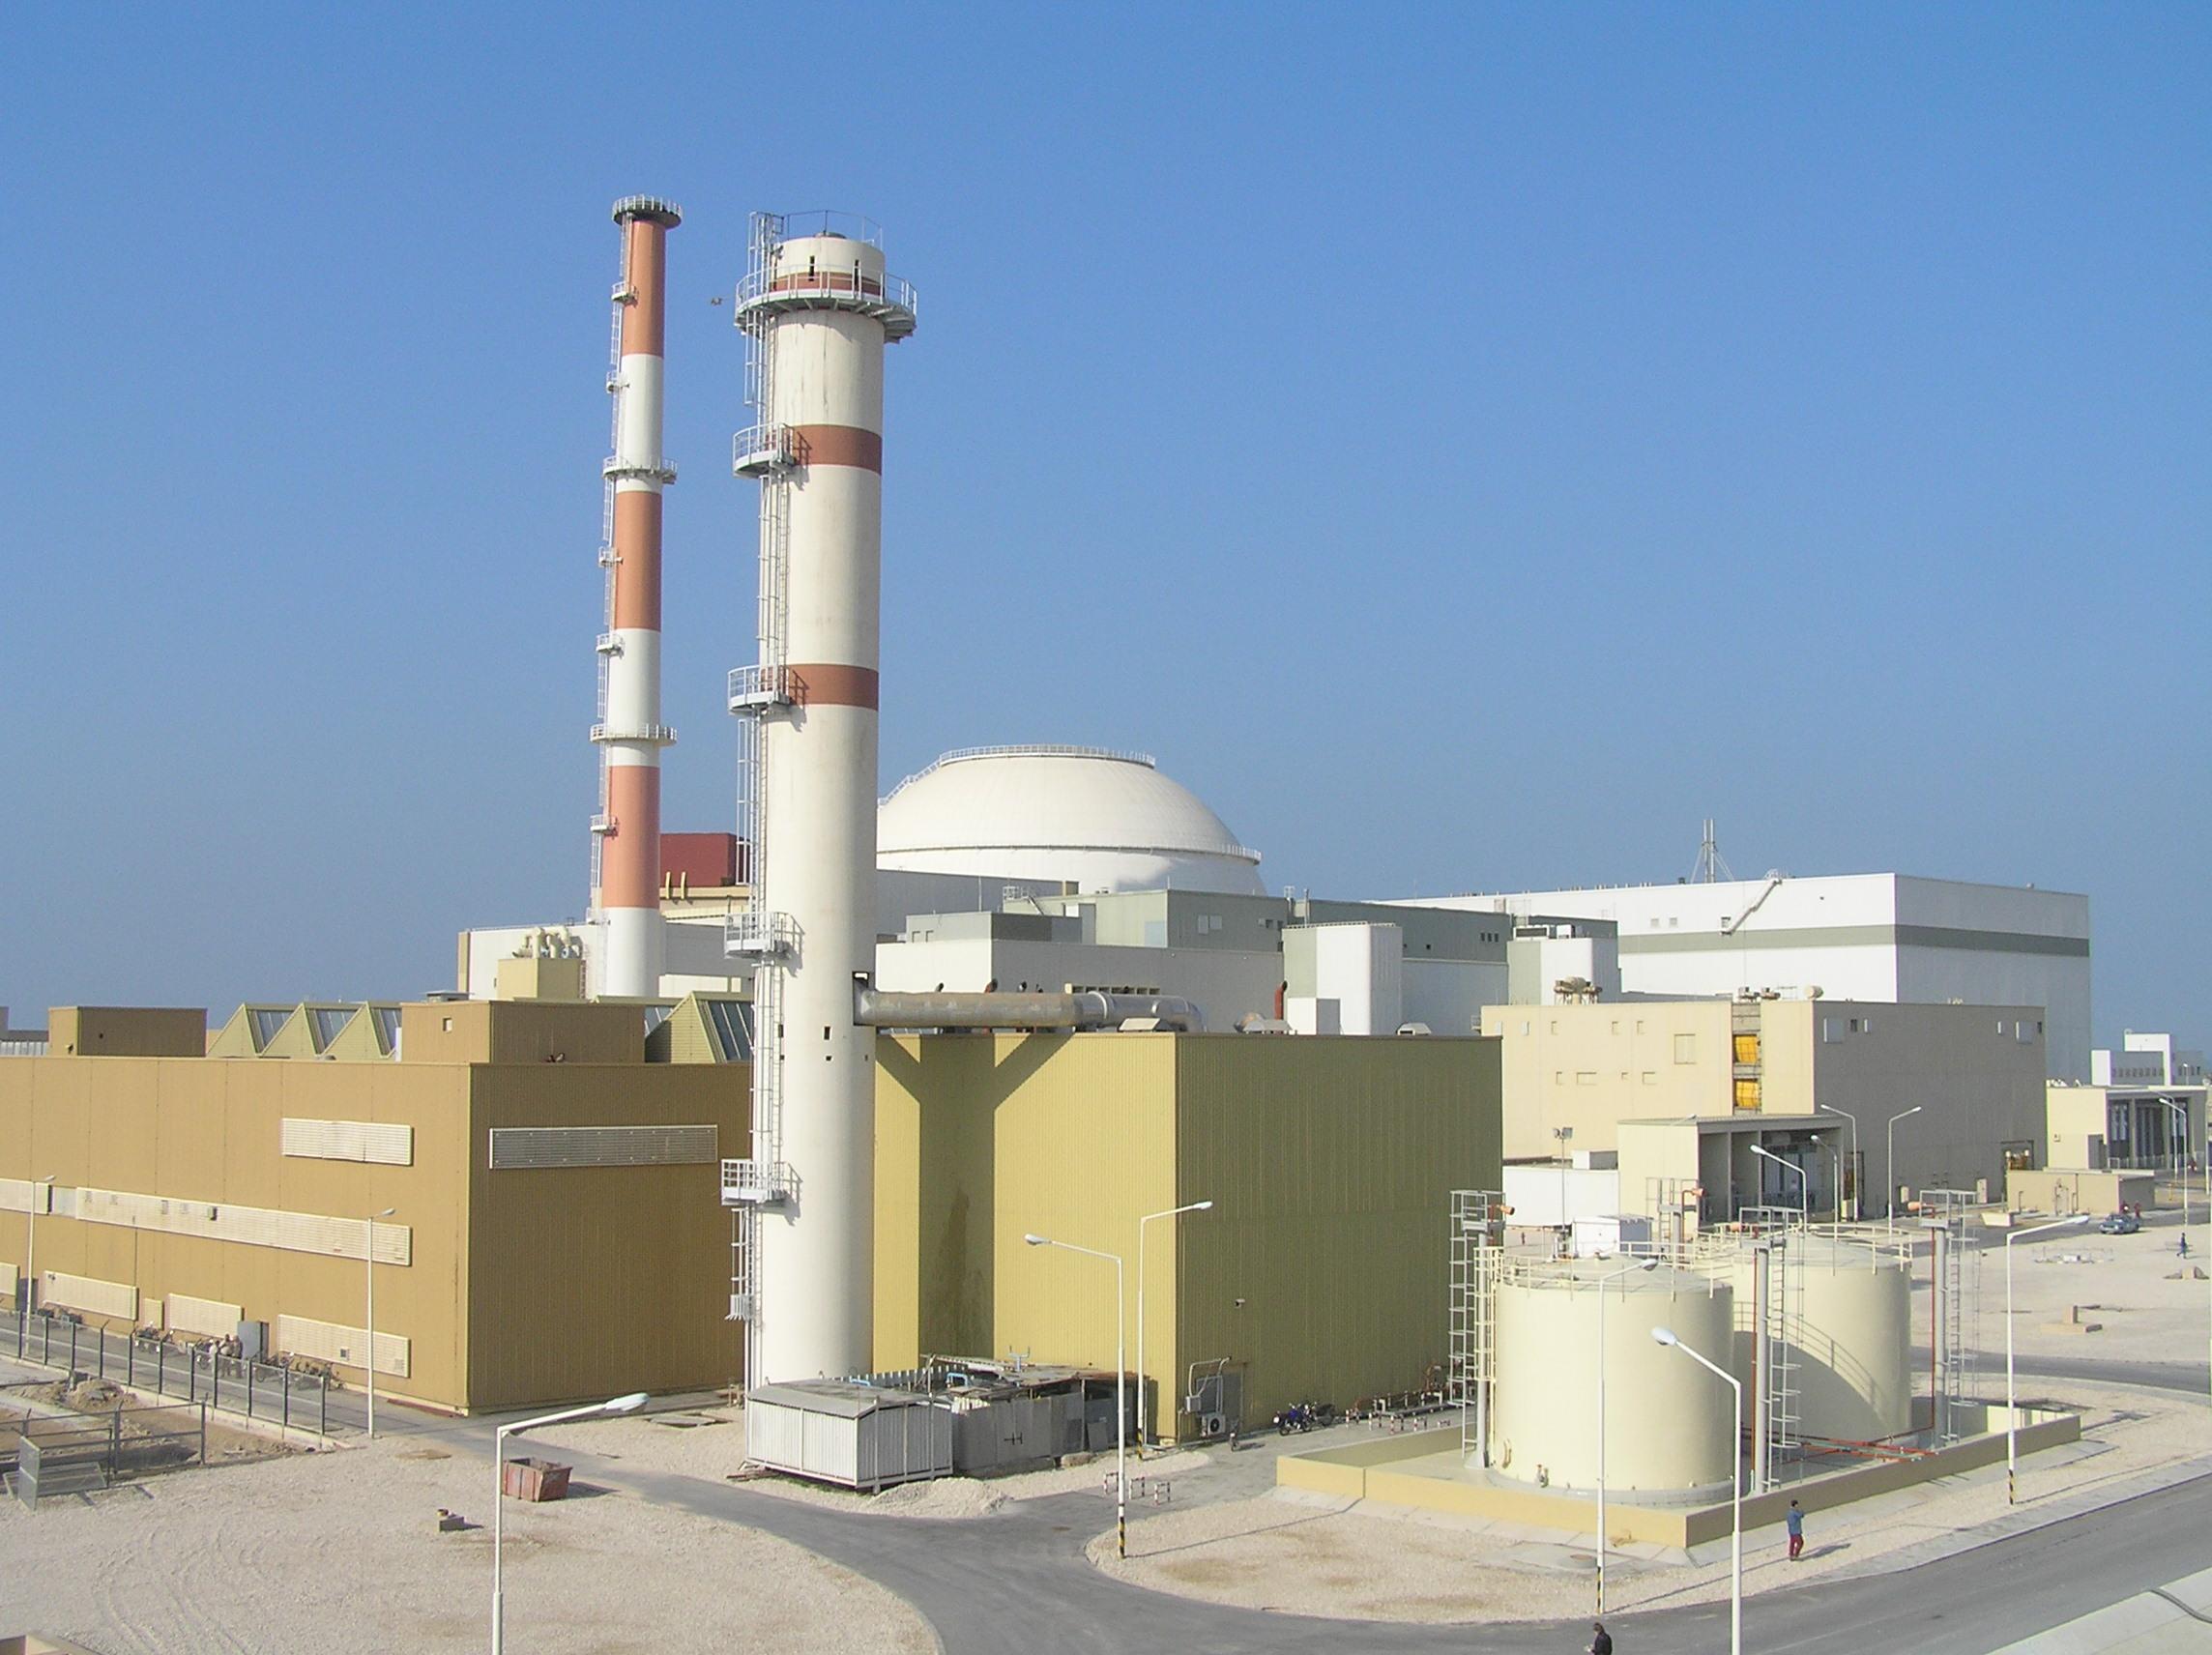 В Иране приостановлена работа единственной атомной электростанции